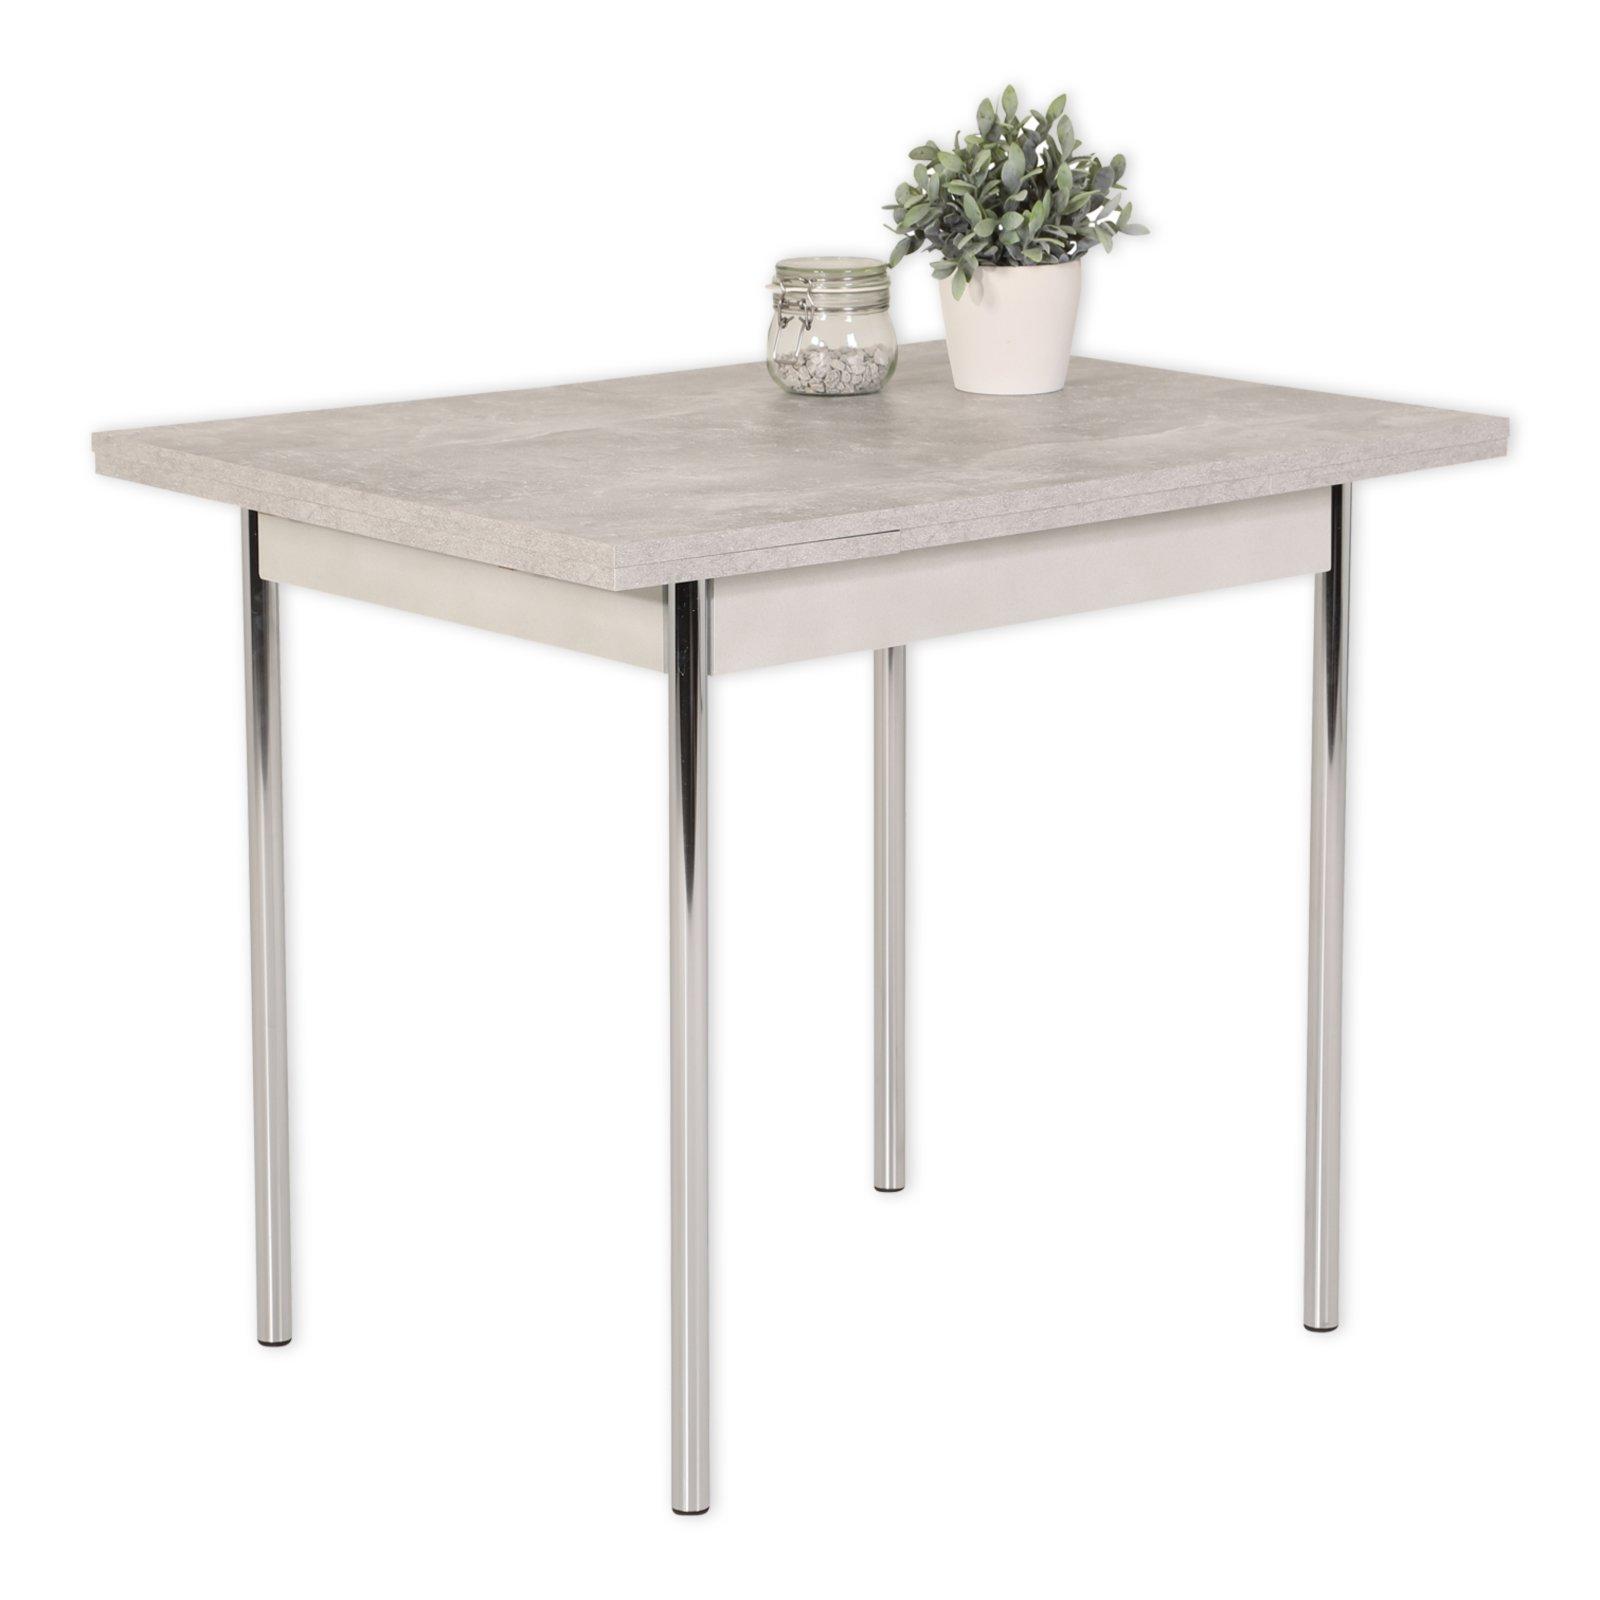 esstisch hamburg i t betonoptik chrom ausziehbar esstische sitzen essen esszimmer. Black Bedroom Furniture Sets. Home Design Ideas